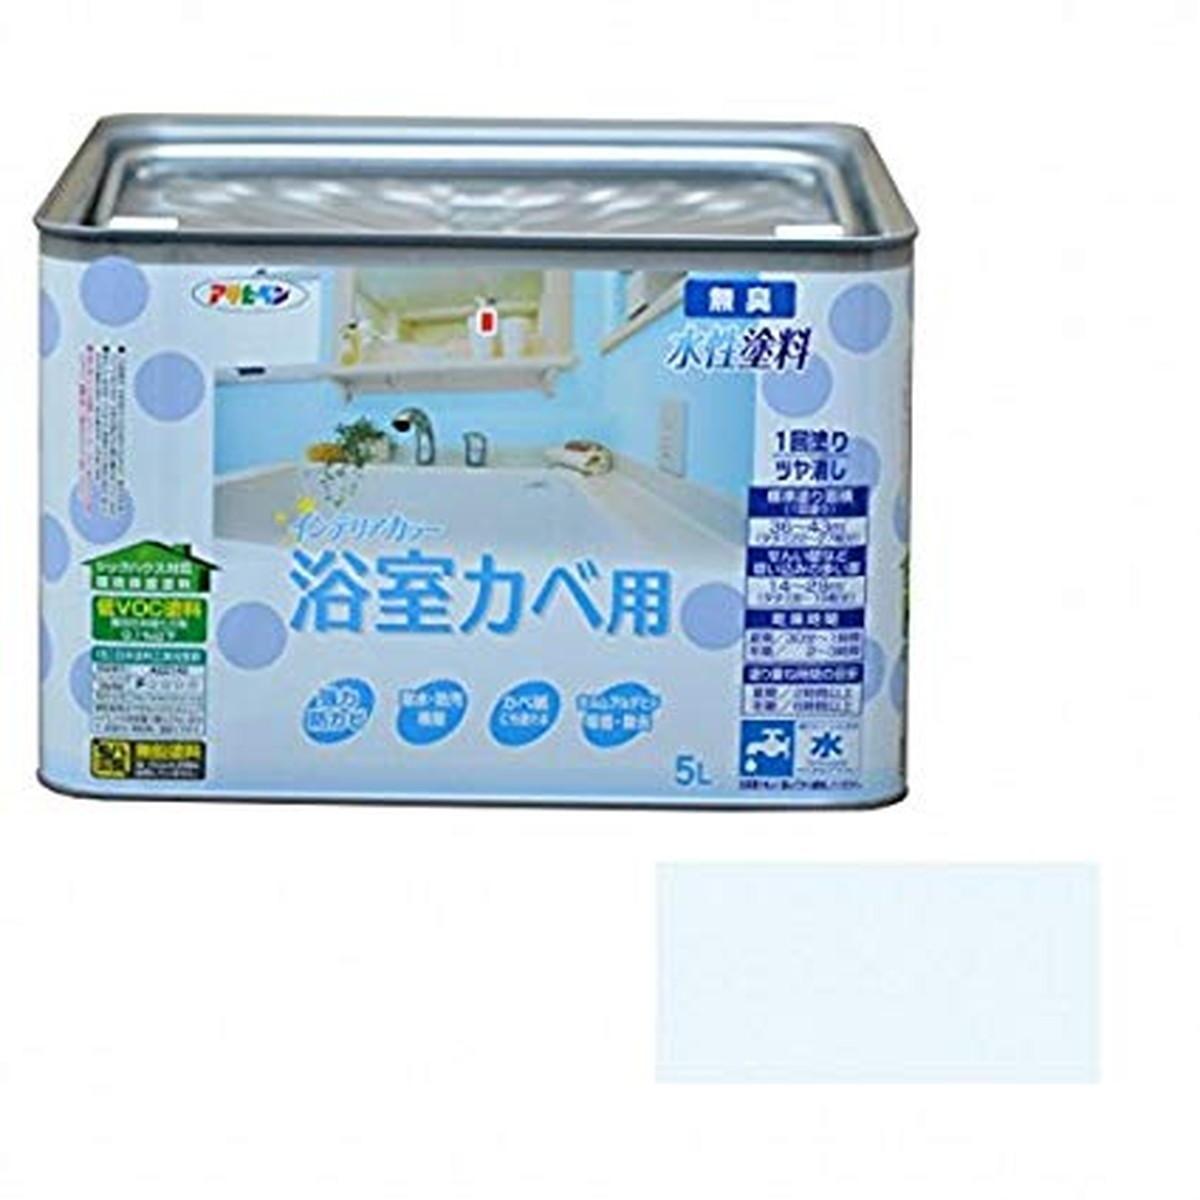 アサヒペン NEW水性インテリアカラー浴室カベ 5L ペールブルー【クーポン配布中】